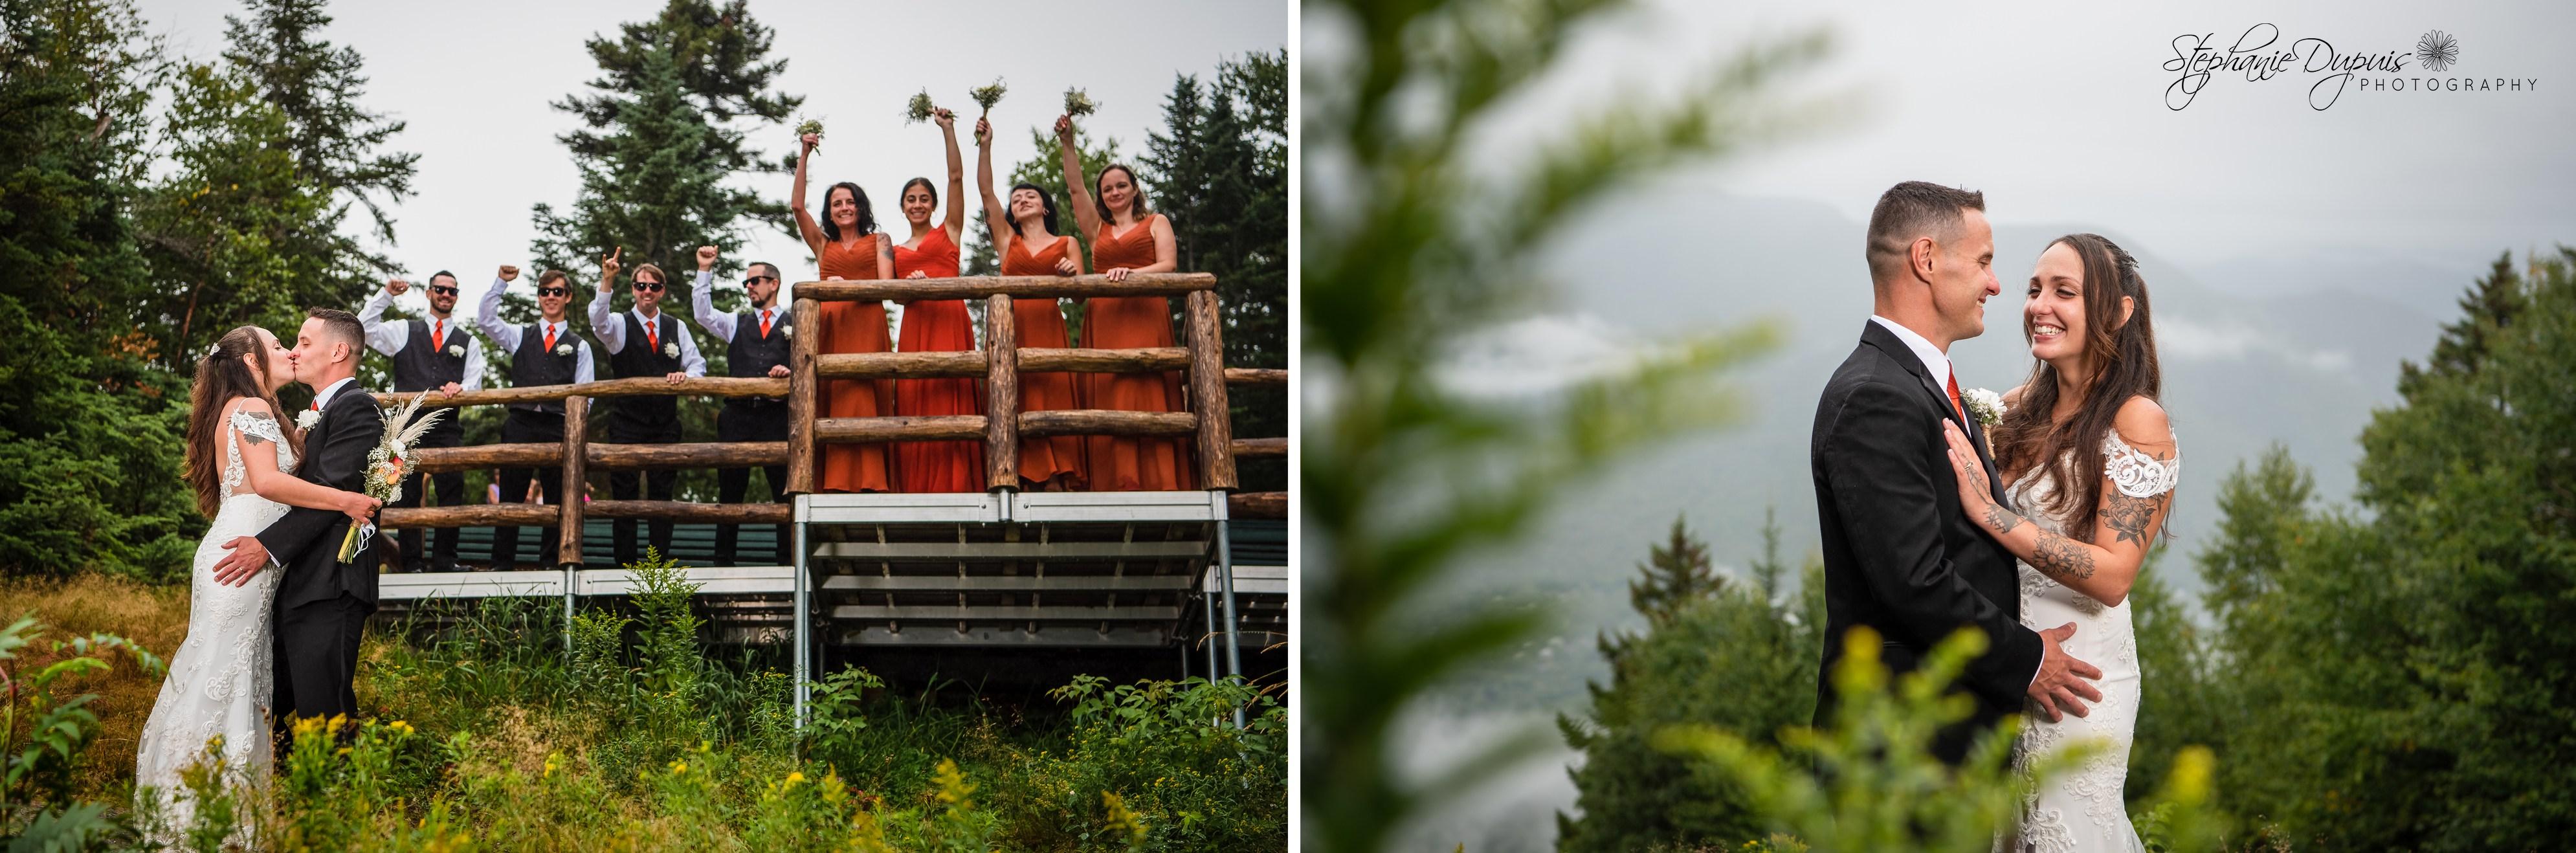 White Mountains Wedding Photographer 3 1 - Portfolio: Harper Wedding